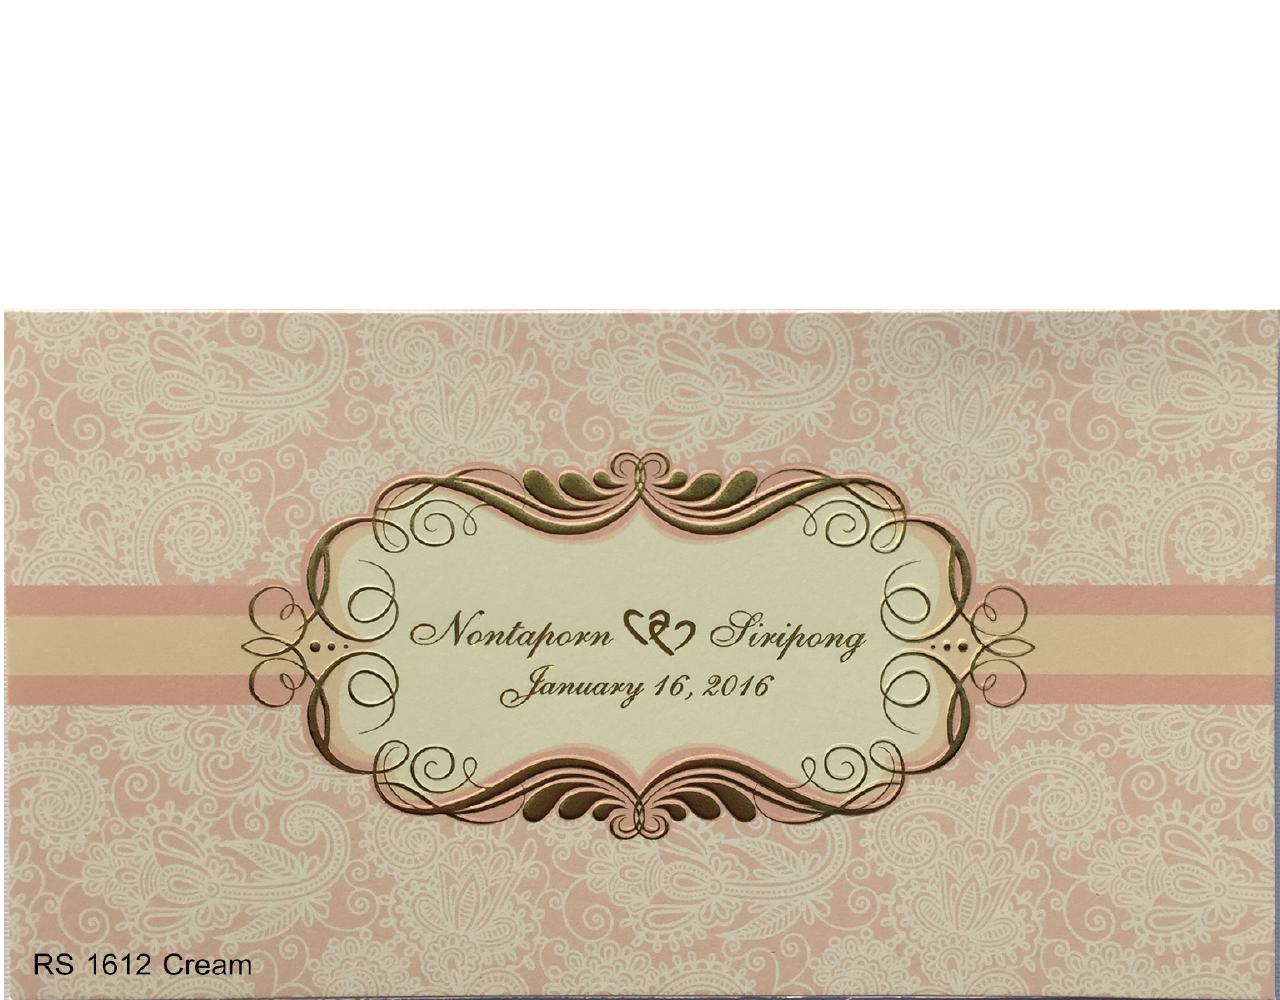 การ์ดแต่งงาน การ์ดเชิญแต่งงาน สีครีมชมพู เรียบง่าย ราคาถูก wedding card 4x7.5 inch RS.1612